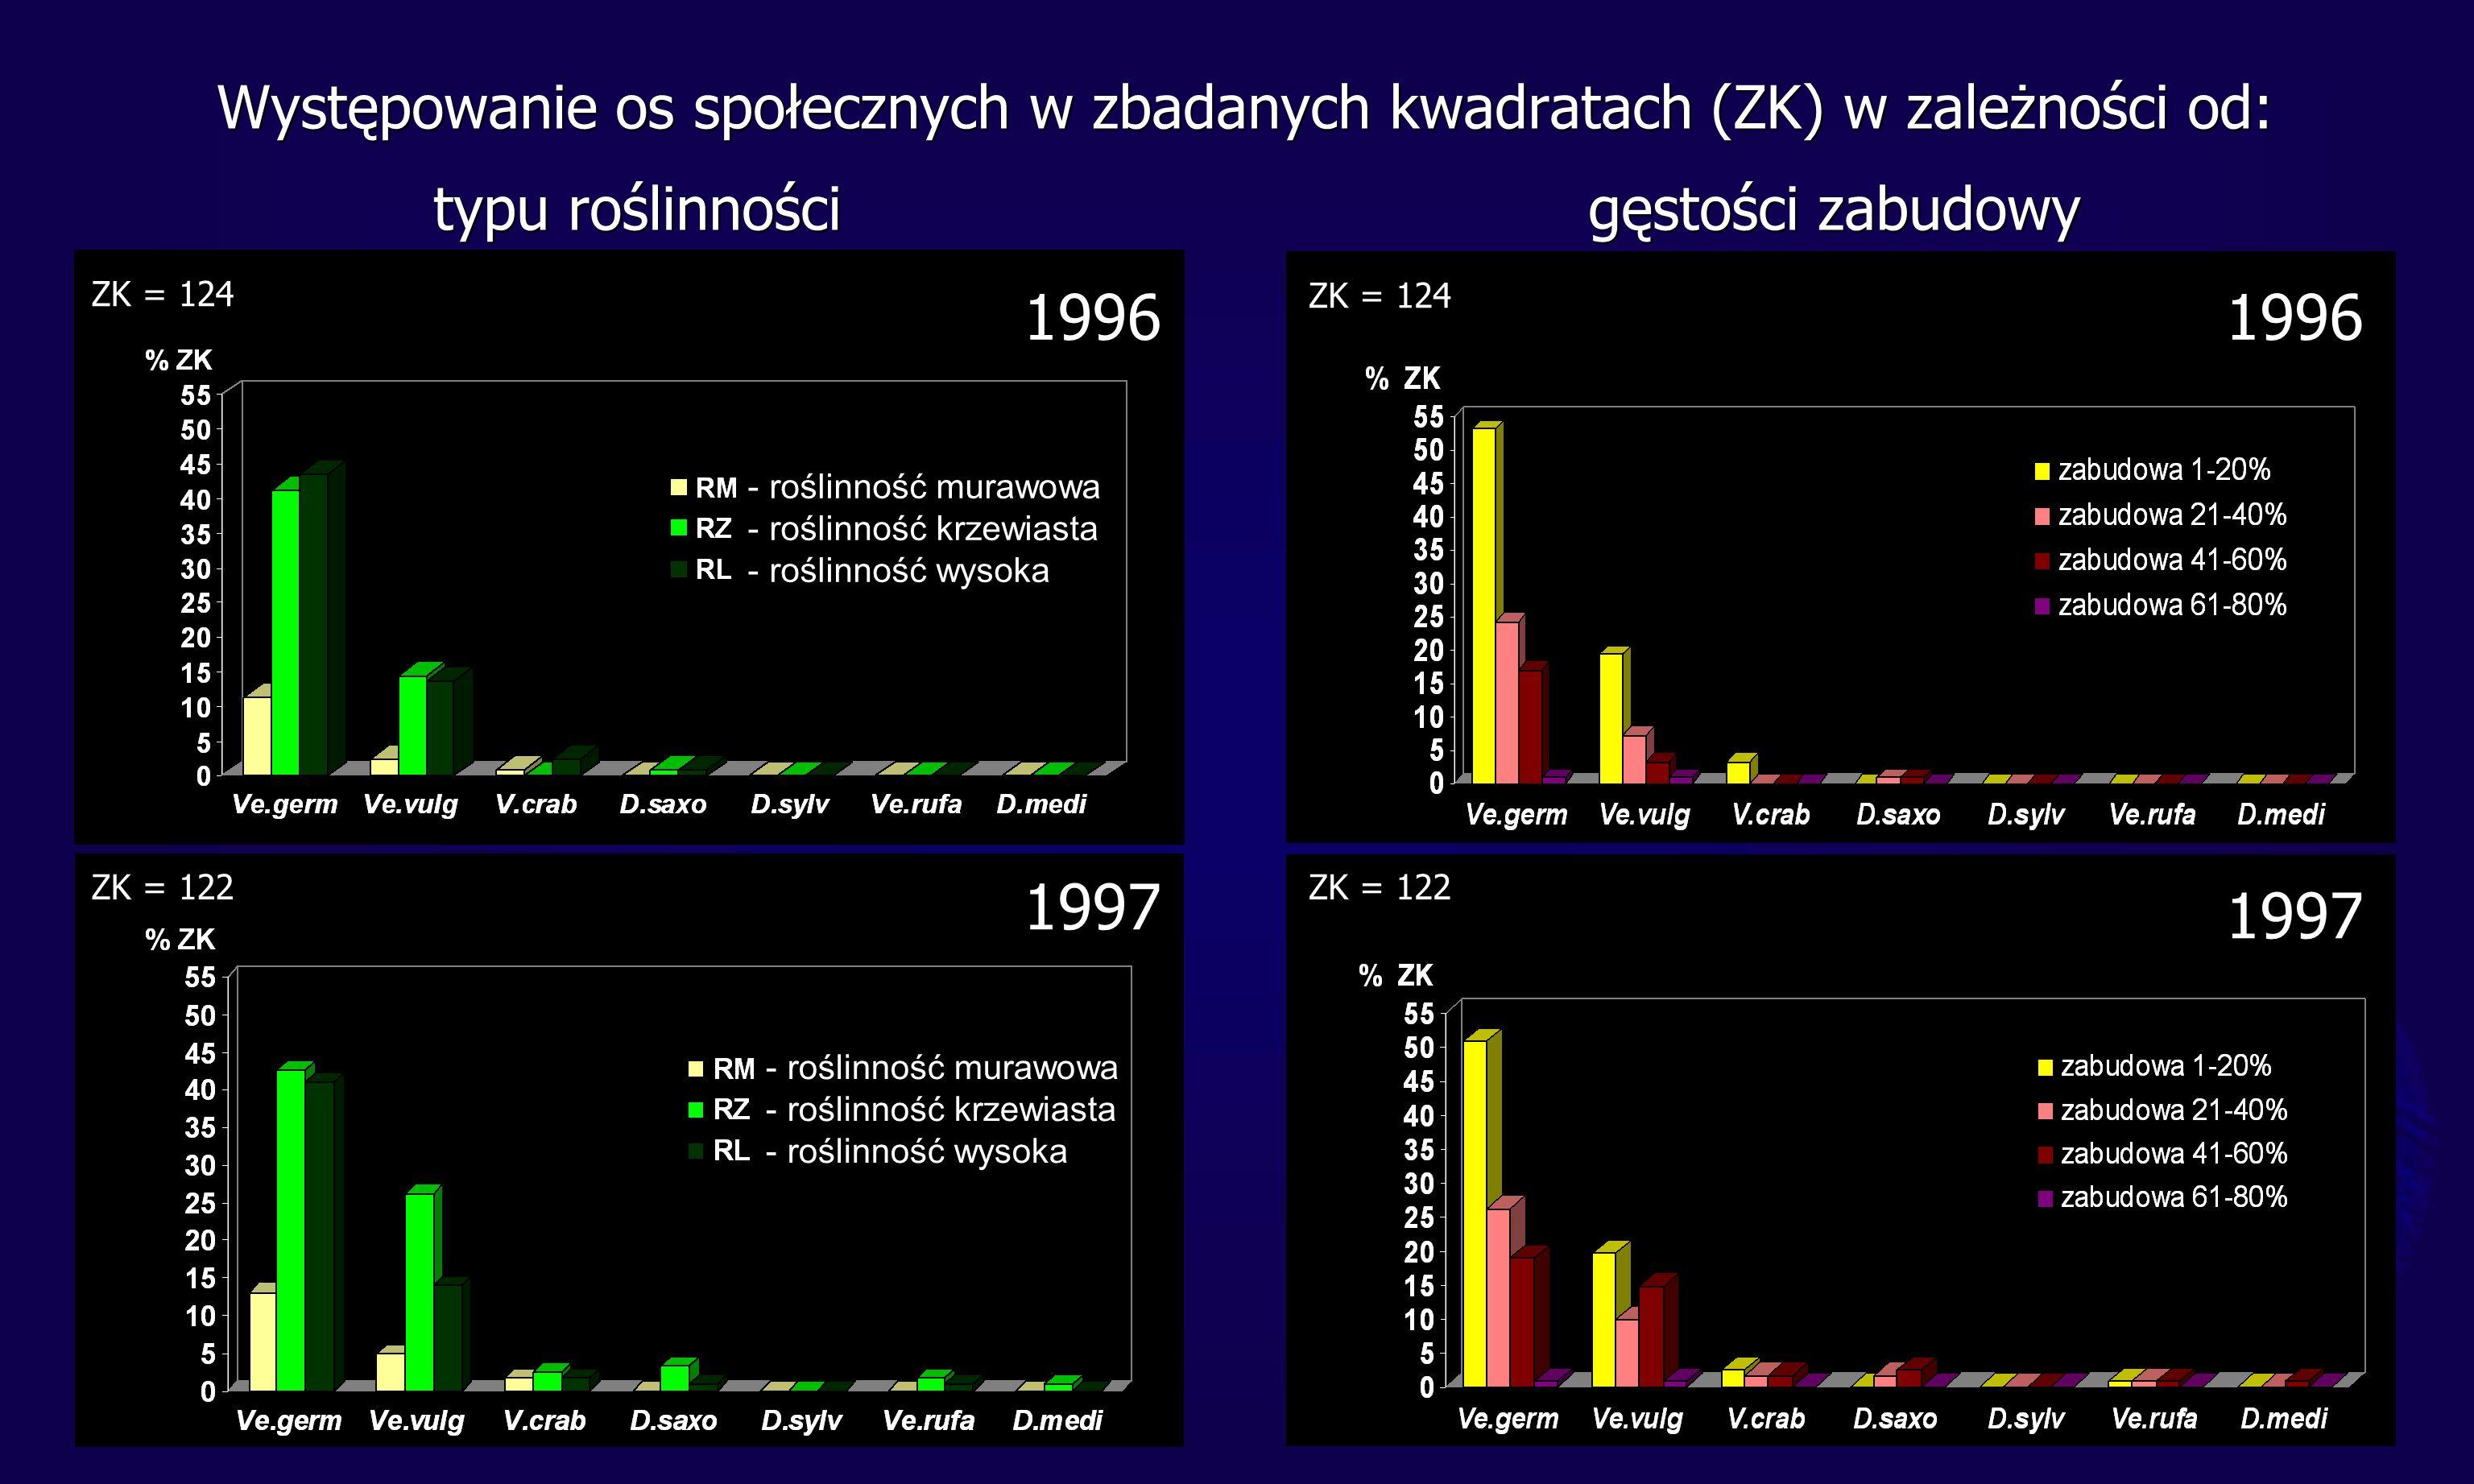 - roślinność murawowa - roślinność krzewiasta - roślinność wysoka - roślinność murawowa - roślinność krzewiasta - roślinność wysoka 1996 1997 Występowanie os społecznych w zbadanych kwadratach (ZK) w zależności od: typu roślinności gęstości zabudowy ZK = 124 ZK = 122